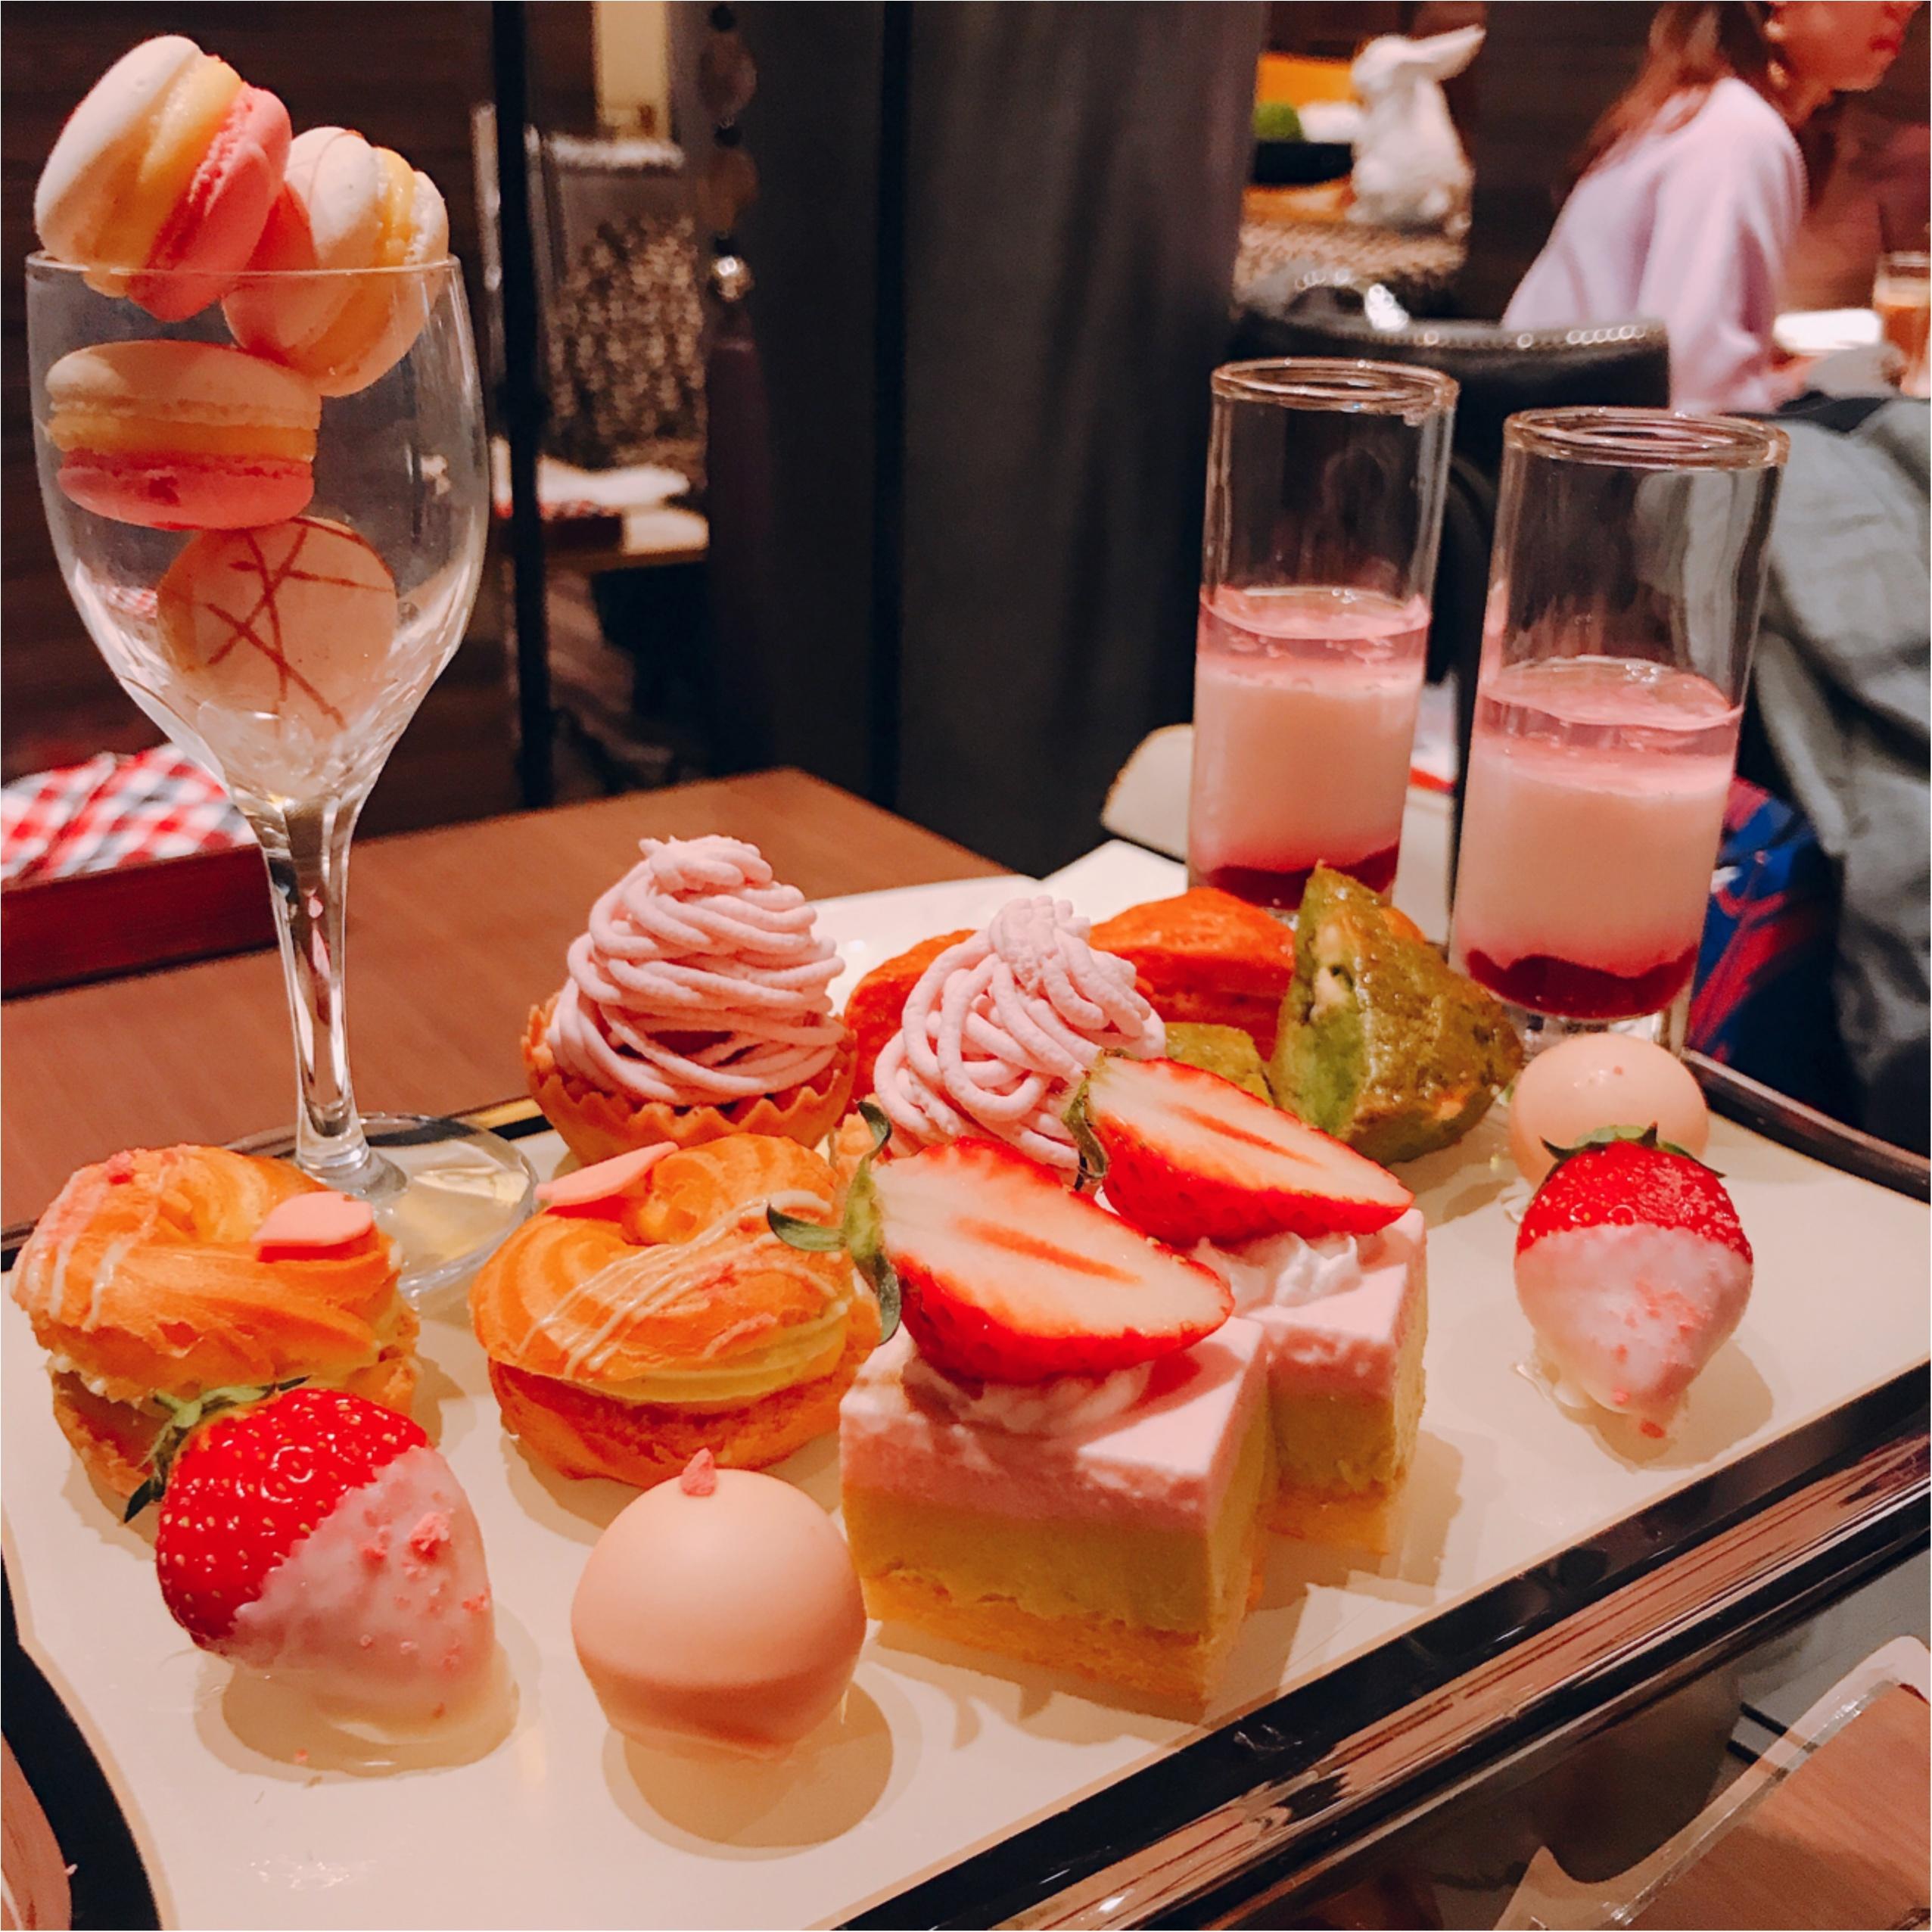 《ザ・ストリングス》の桜×ストロベリーアフタヌーンティーがかわいすぎるっ♡_3